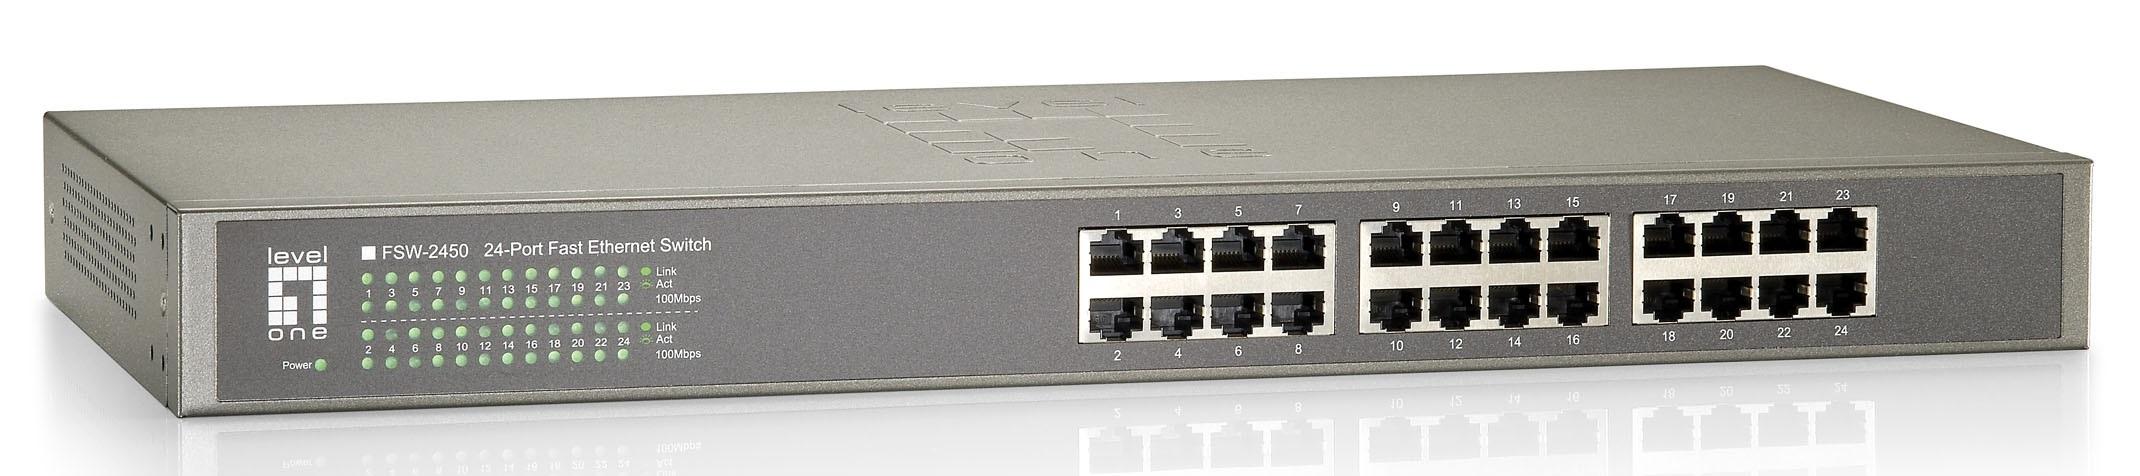 1 Stk Switch 24xRJ45 10/100 Leise, Lüfterlos, internes Netzteil QLFSW2450-